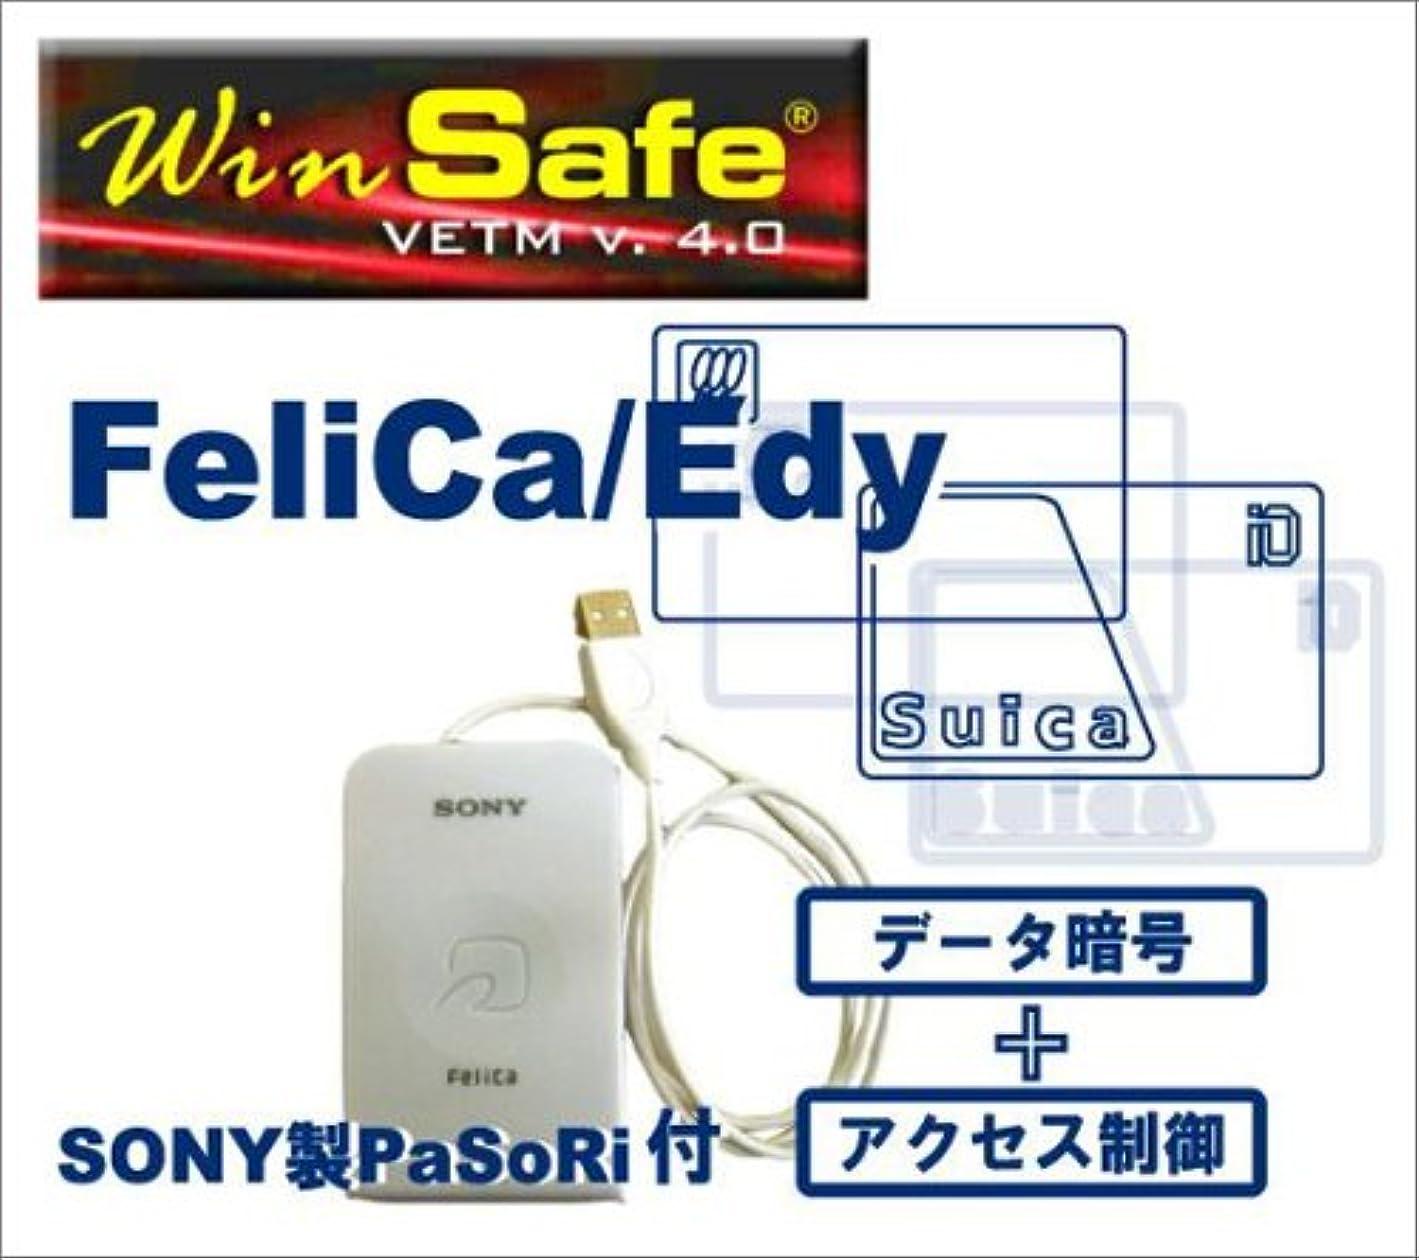 フロンティア判定手荷物WinSafe VETM v.4.0 BASIC for FeliCa/Edy with PaSoRi (SONY RC-S320)